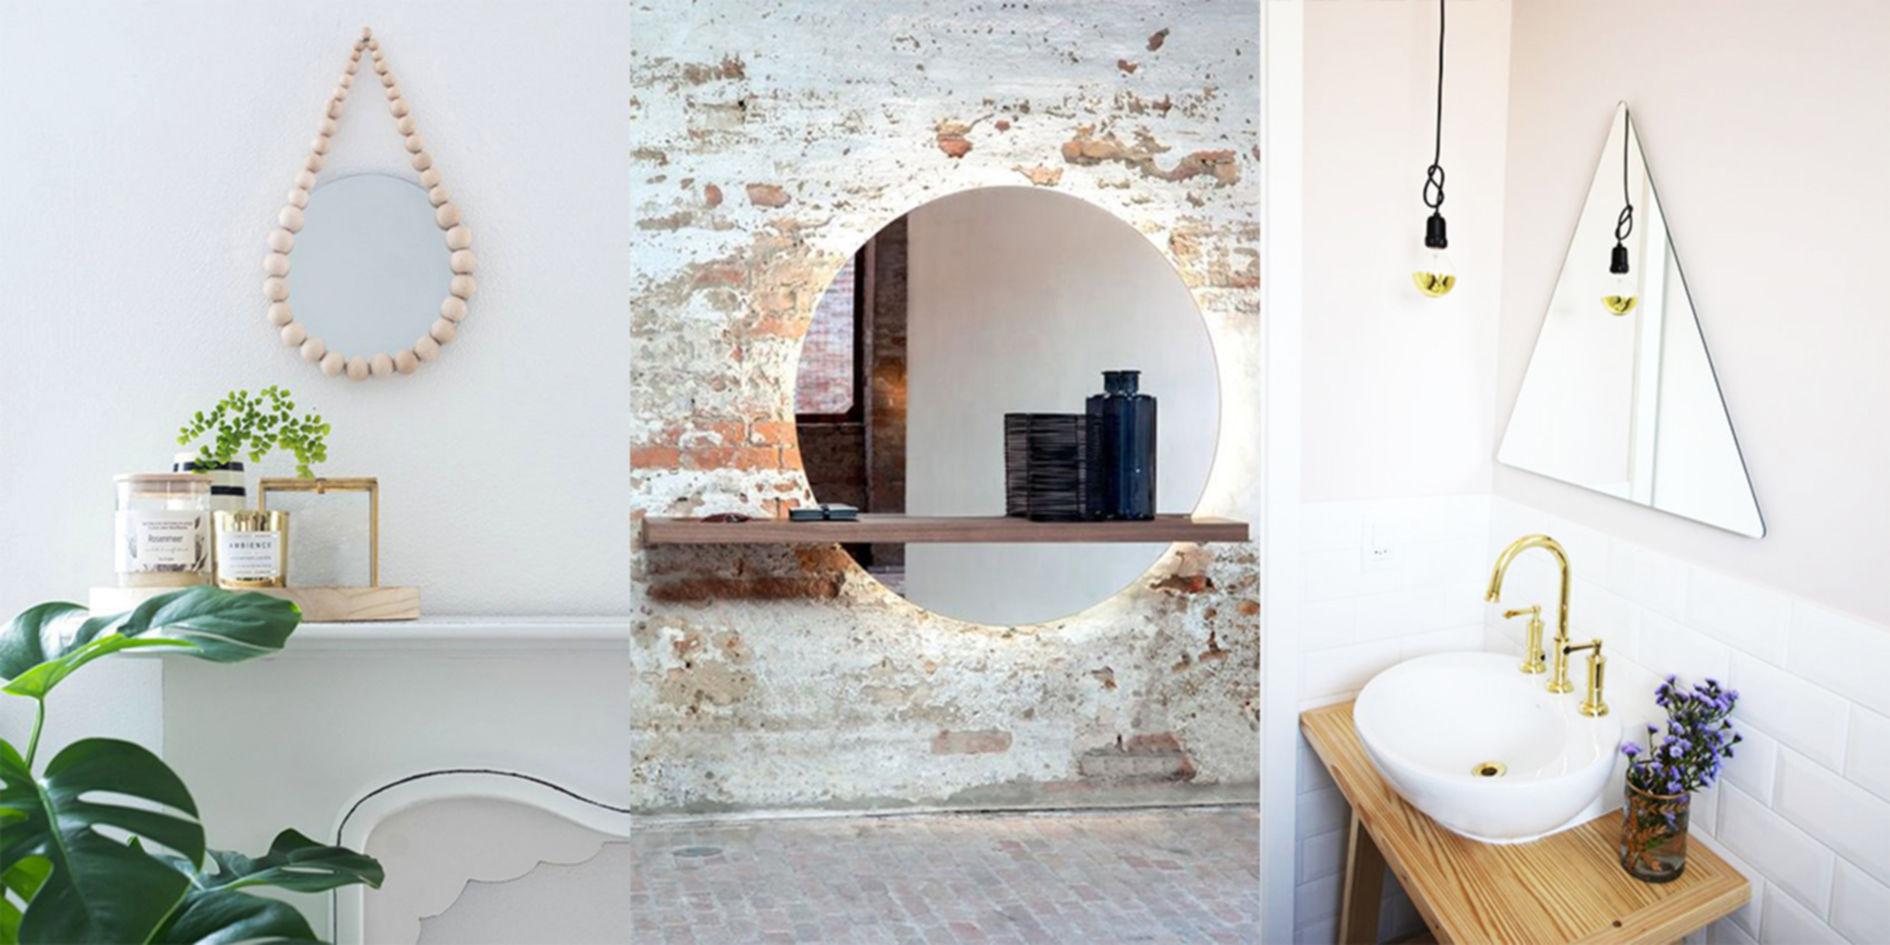 Top Top 8 originele spiegels voor je interieur | Praxis blog UH83